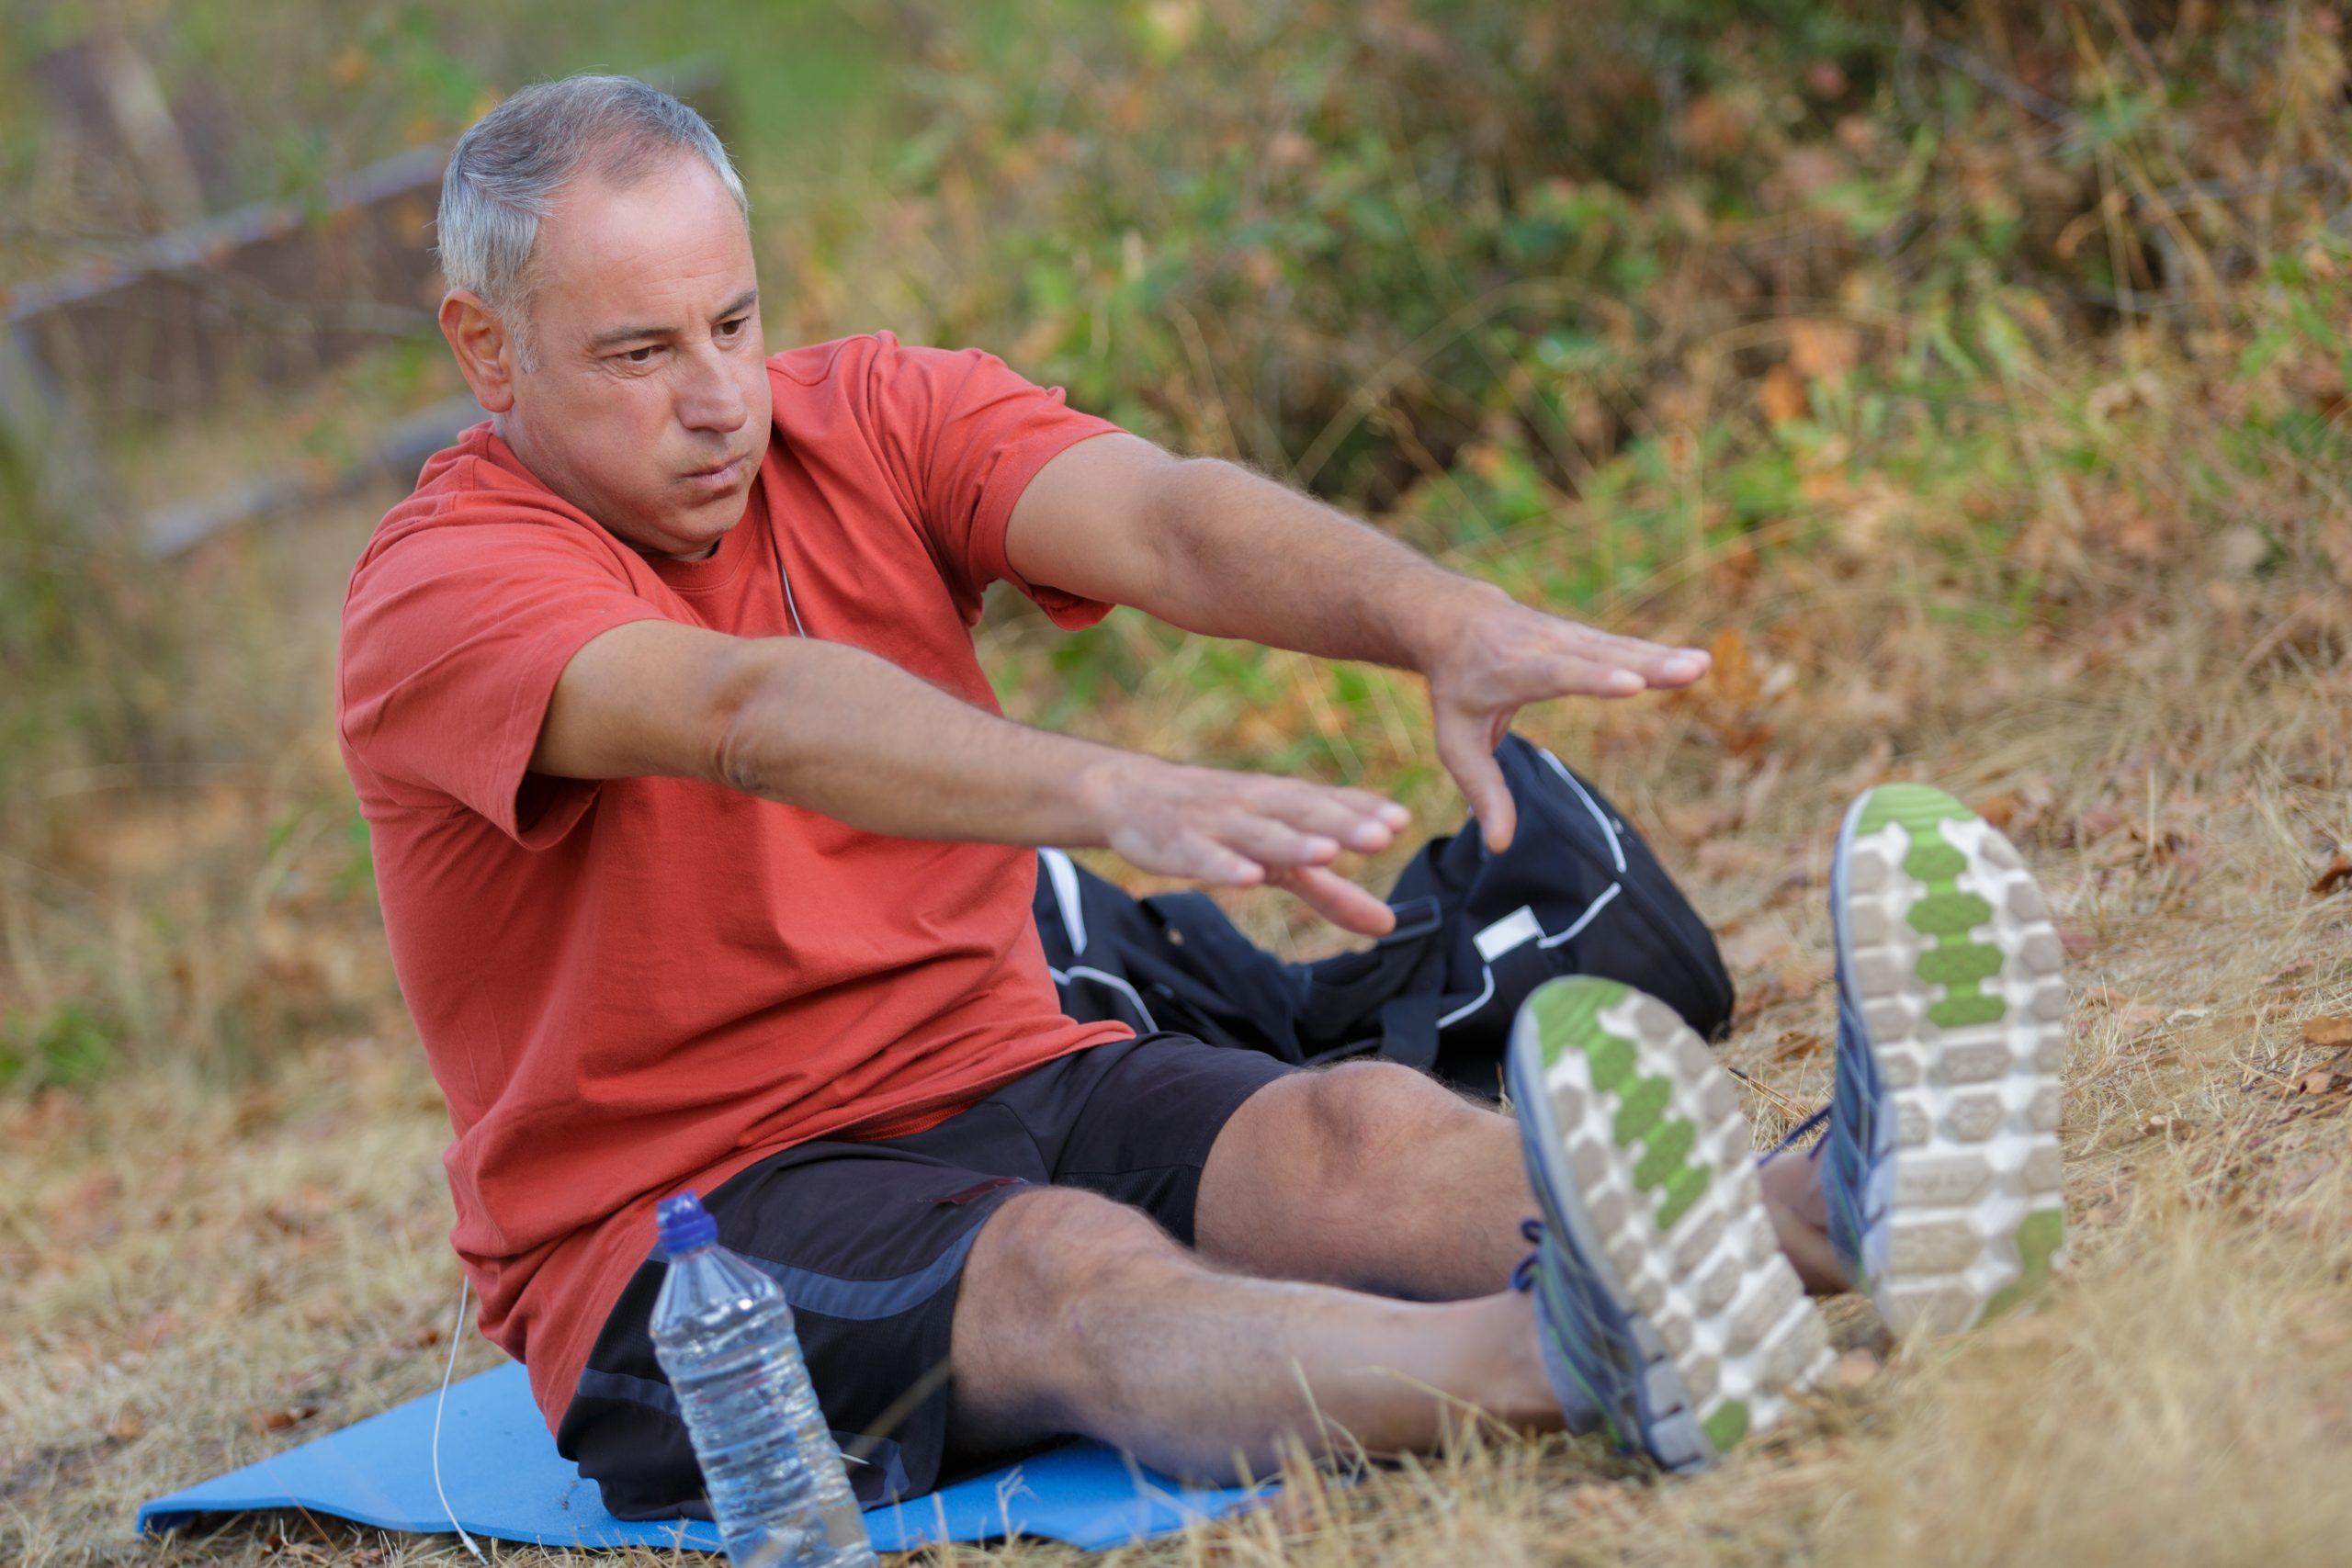 muž cvičí a naťahuje sa za chodidlami